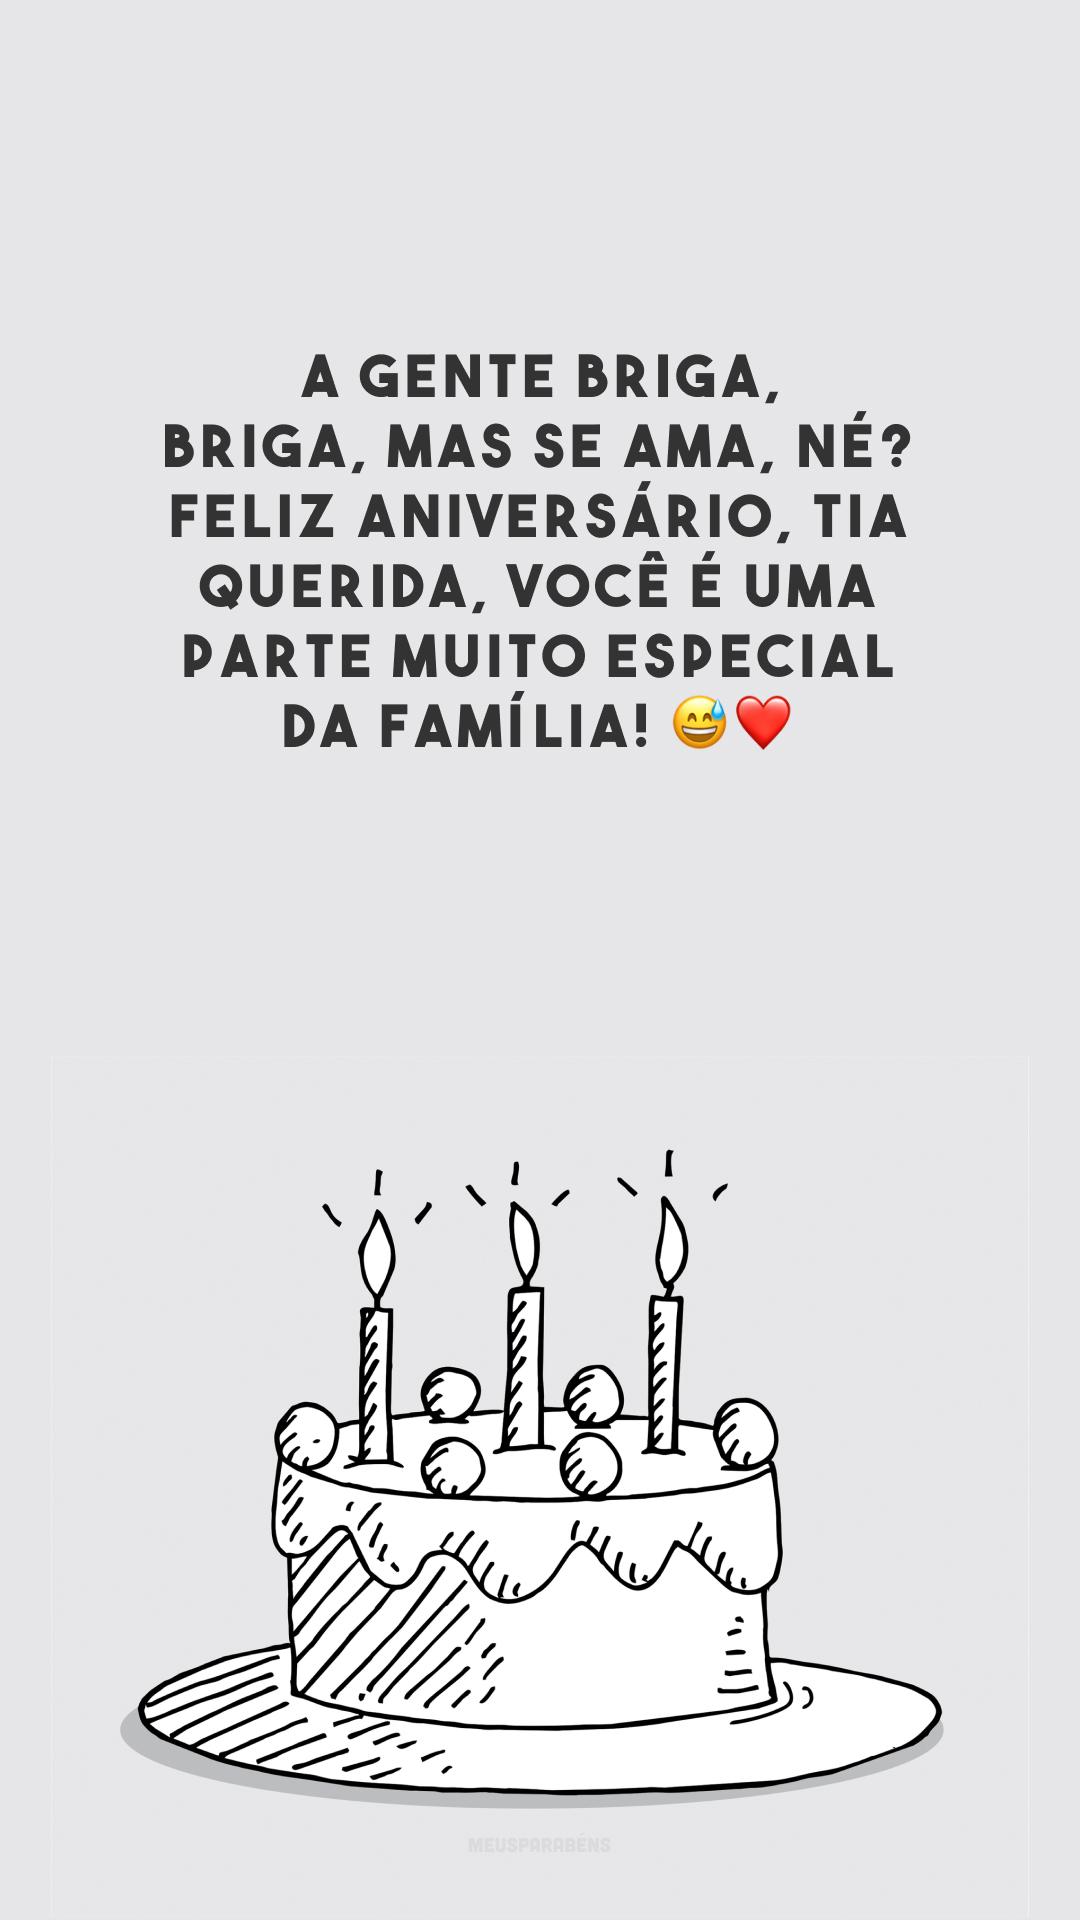 A gente briga, briga, mas se ama, né? Feliz aniversário, tia querida, você é uma parte muito especial da família! 😅❤️